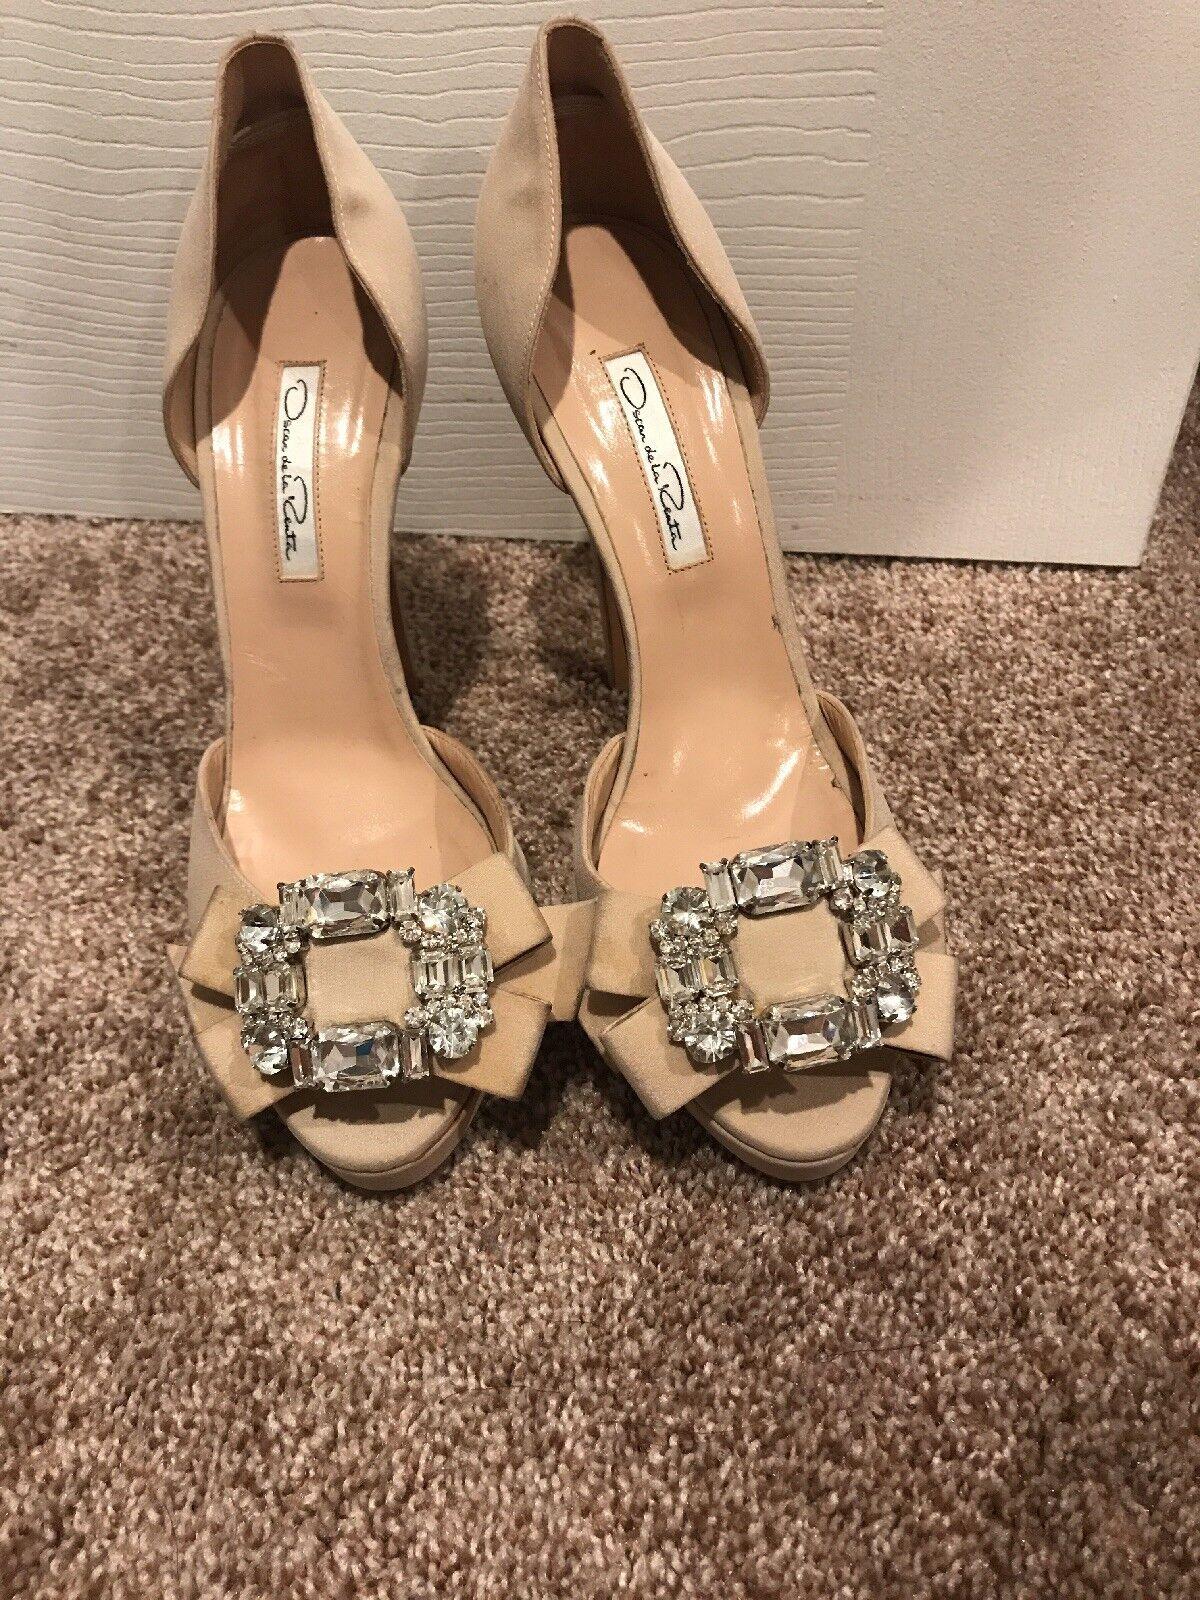 Authentic Oscar De La Renta Ivory Satin Bridal chaussures